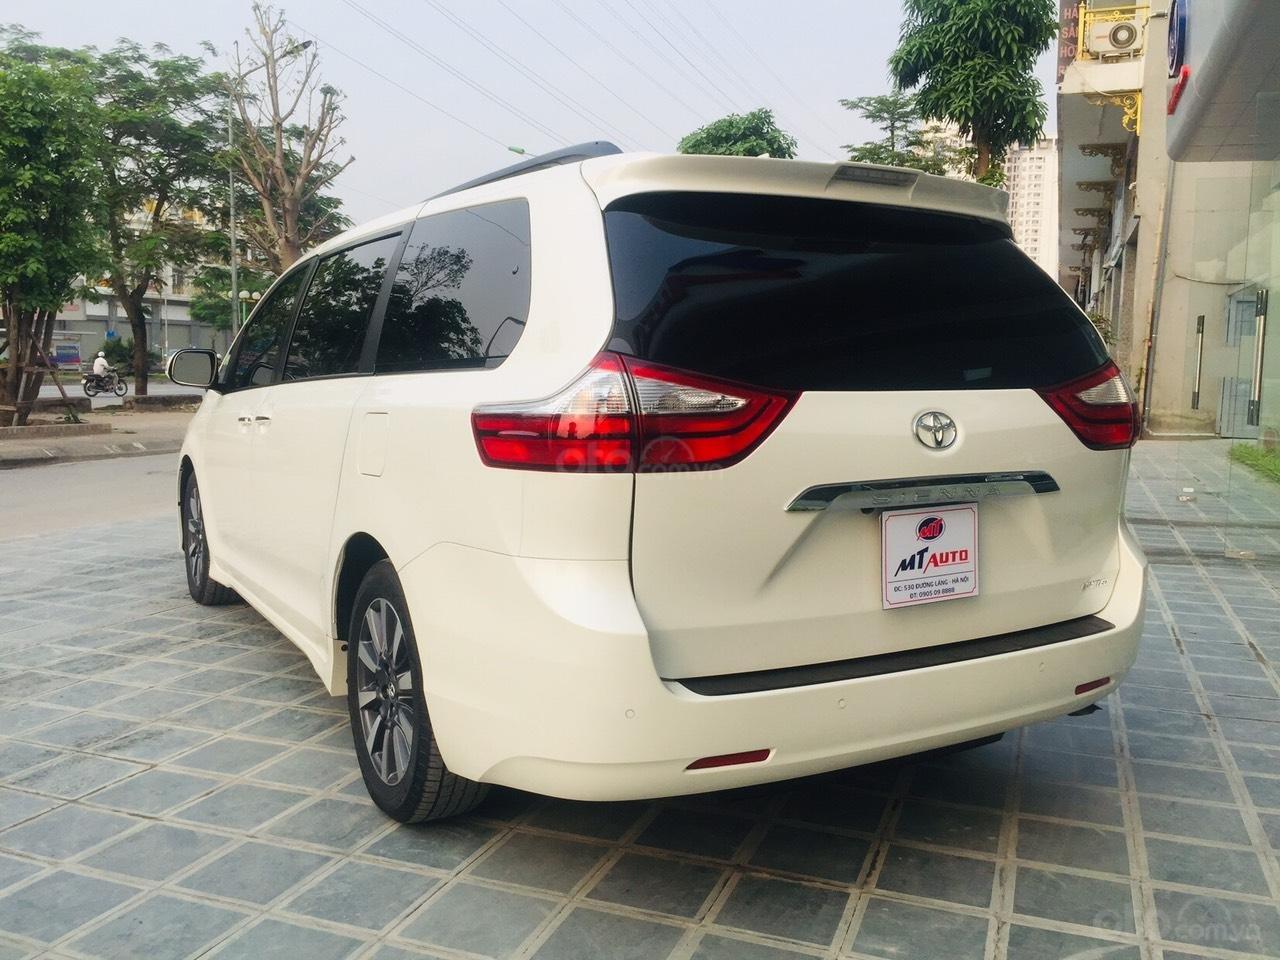 Bán Toyota Sienna Limited 2020 1 cầu, LH Ms Ngọc Vy giá tốt, giao ngay toàn quốc (5)